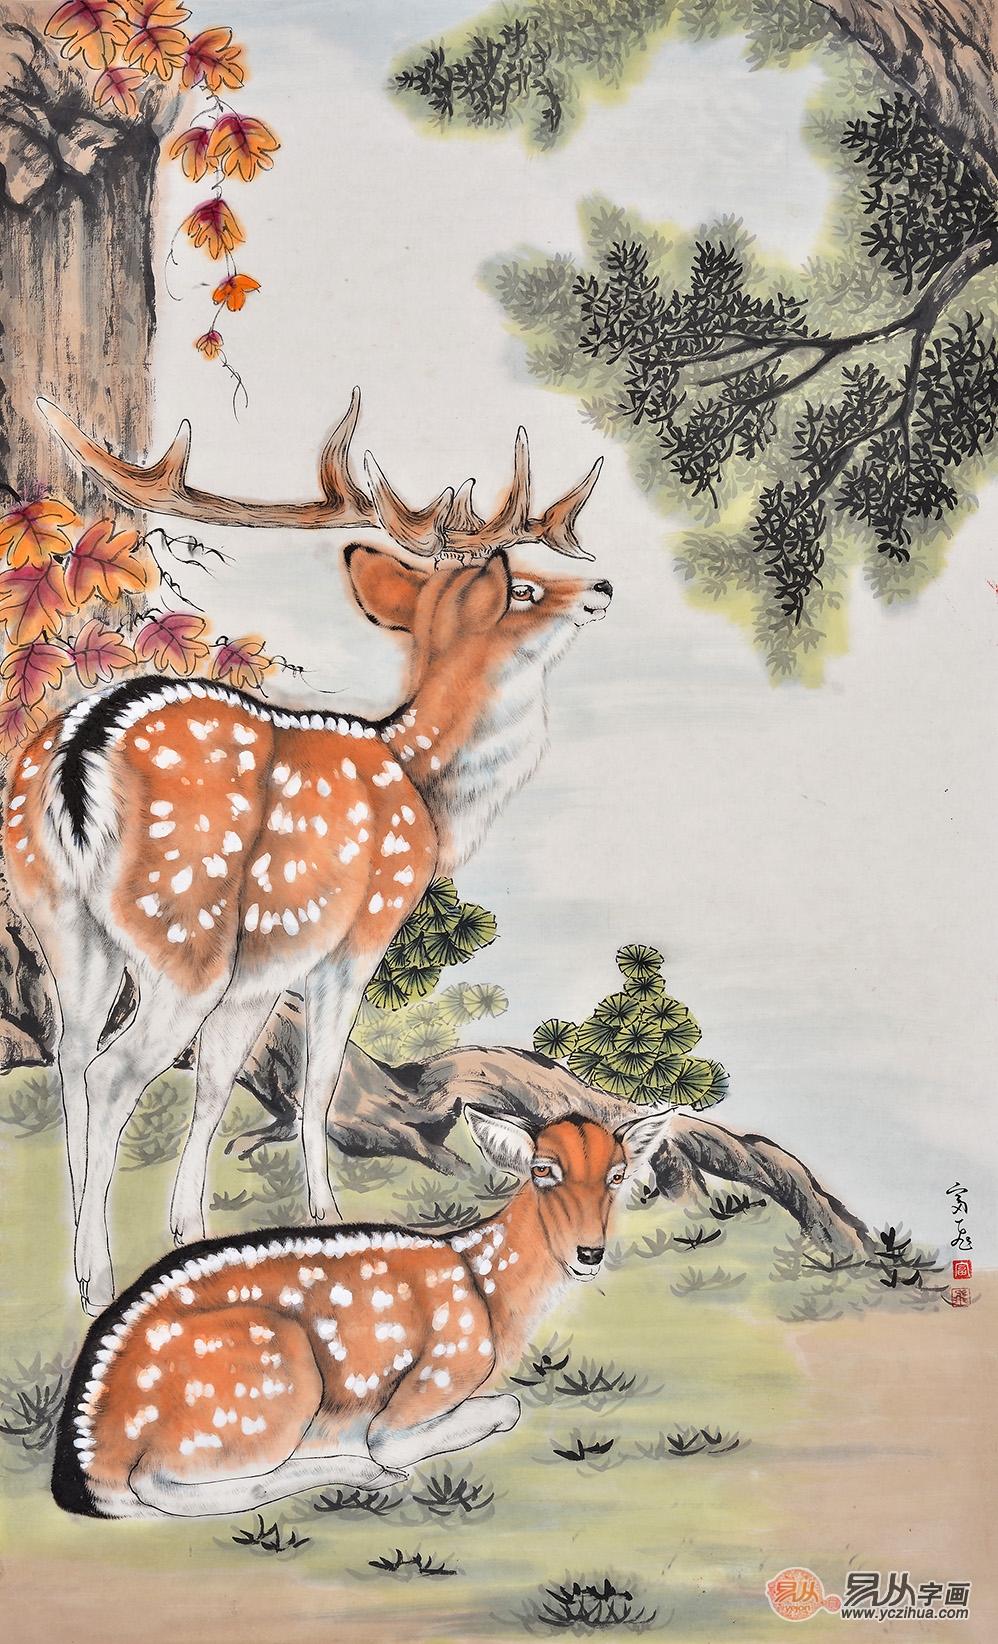 富飞三尺竖幅动物画作品梅花鹿《雌雄双鹿》